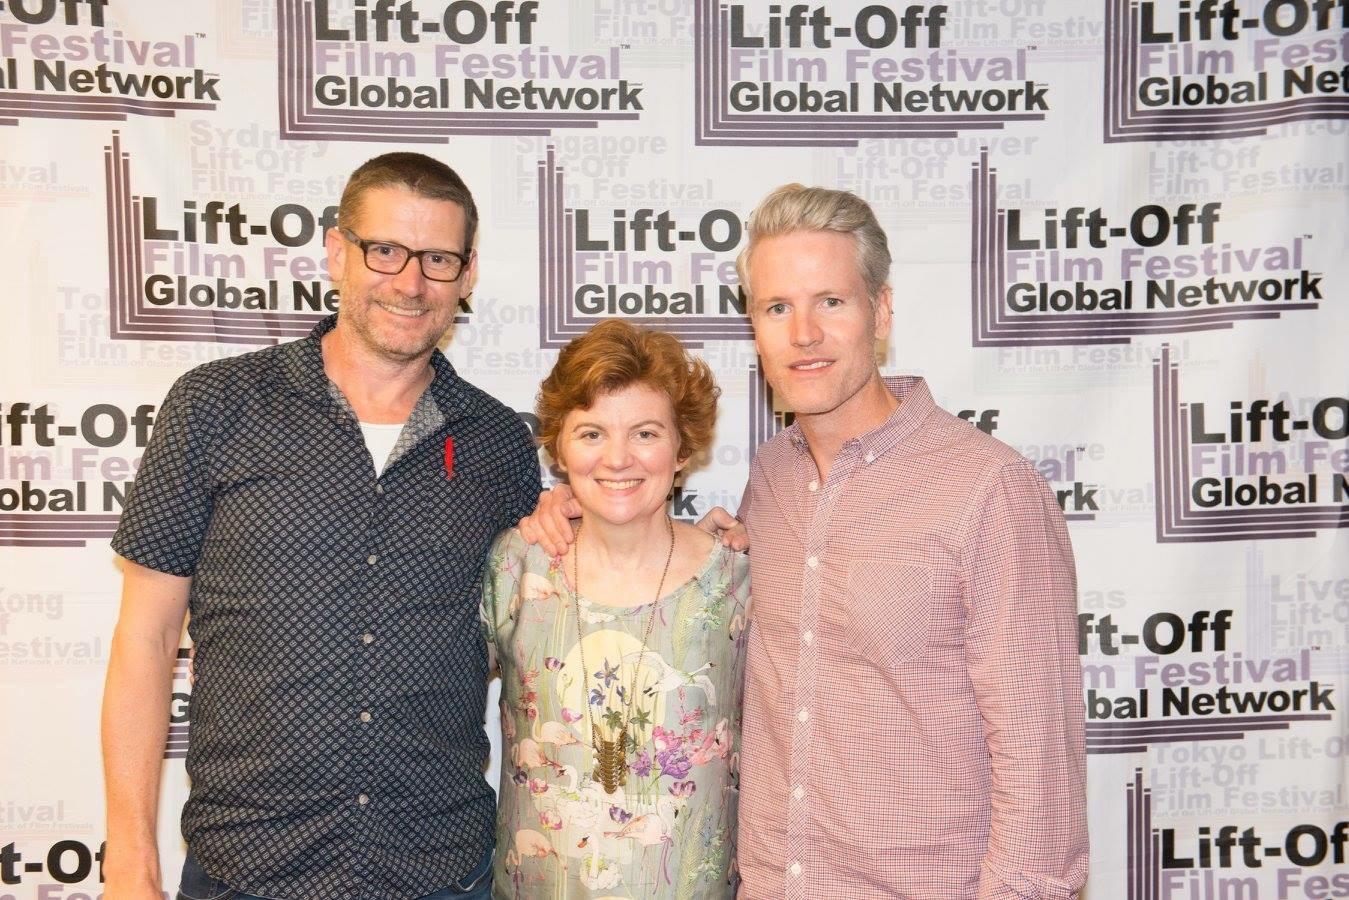 Lift-Off Sydney 2016 Morgan Smallbone, Sofya Gollan, Dominic Egan